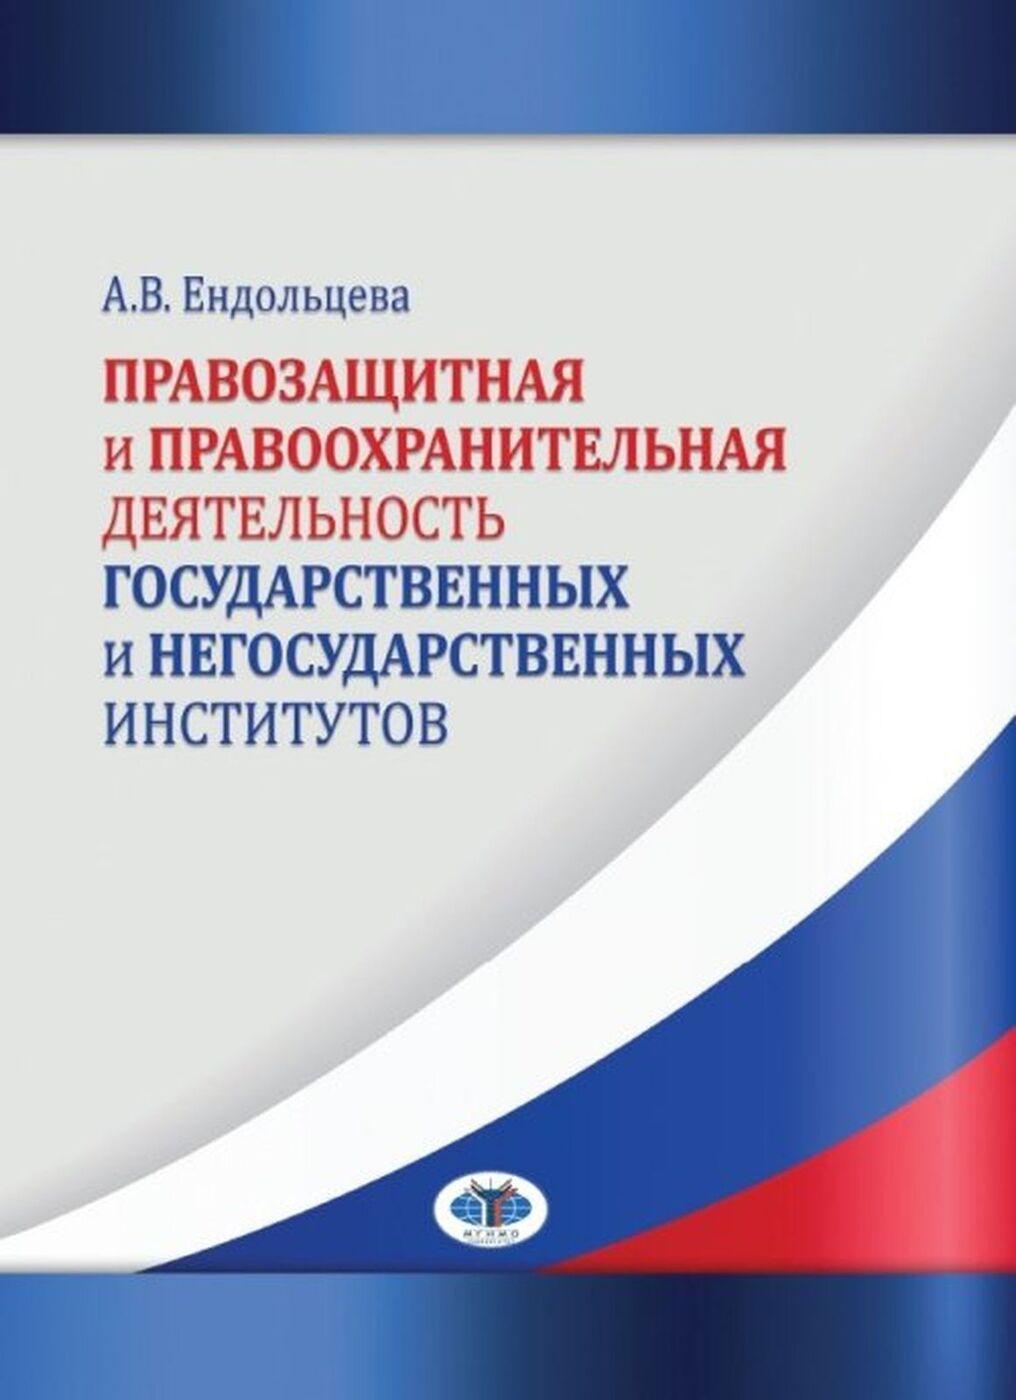 Ендольцева А.В.. Правозащитная и правоохранительная деятельность государственных и негосударственных институтов.